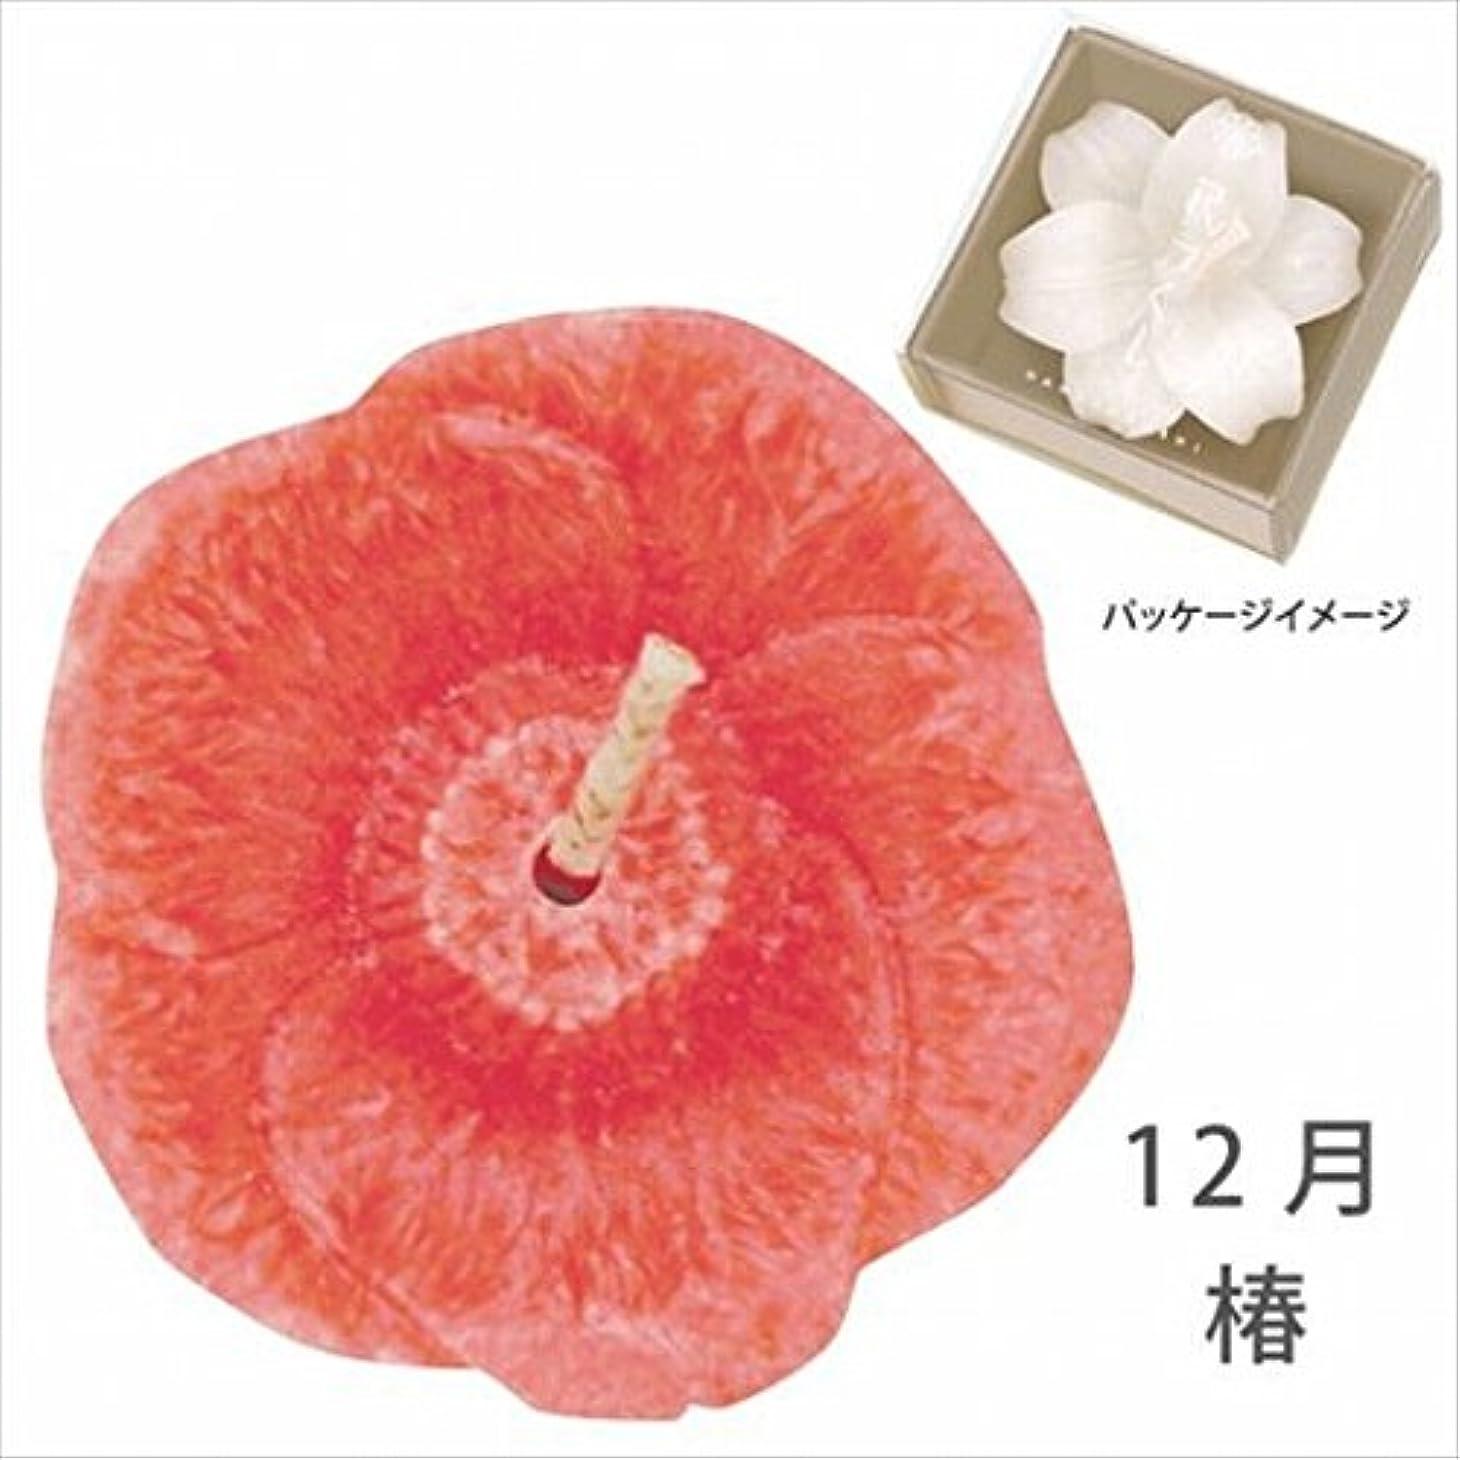 話すスピーカー彼女のカメヤマキャンドル( kameyama candle ) 花づくし(植物性) 椿 「 椿(12月) 」 キャンドル